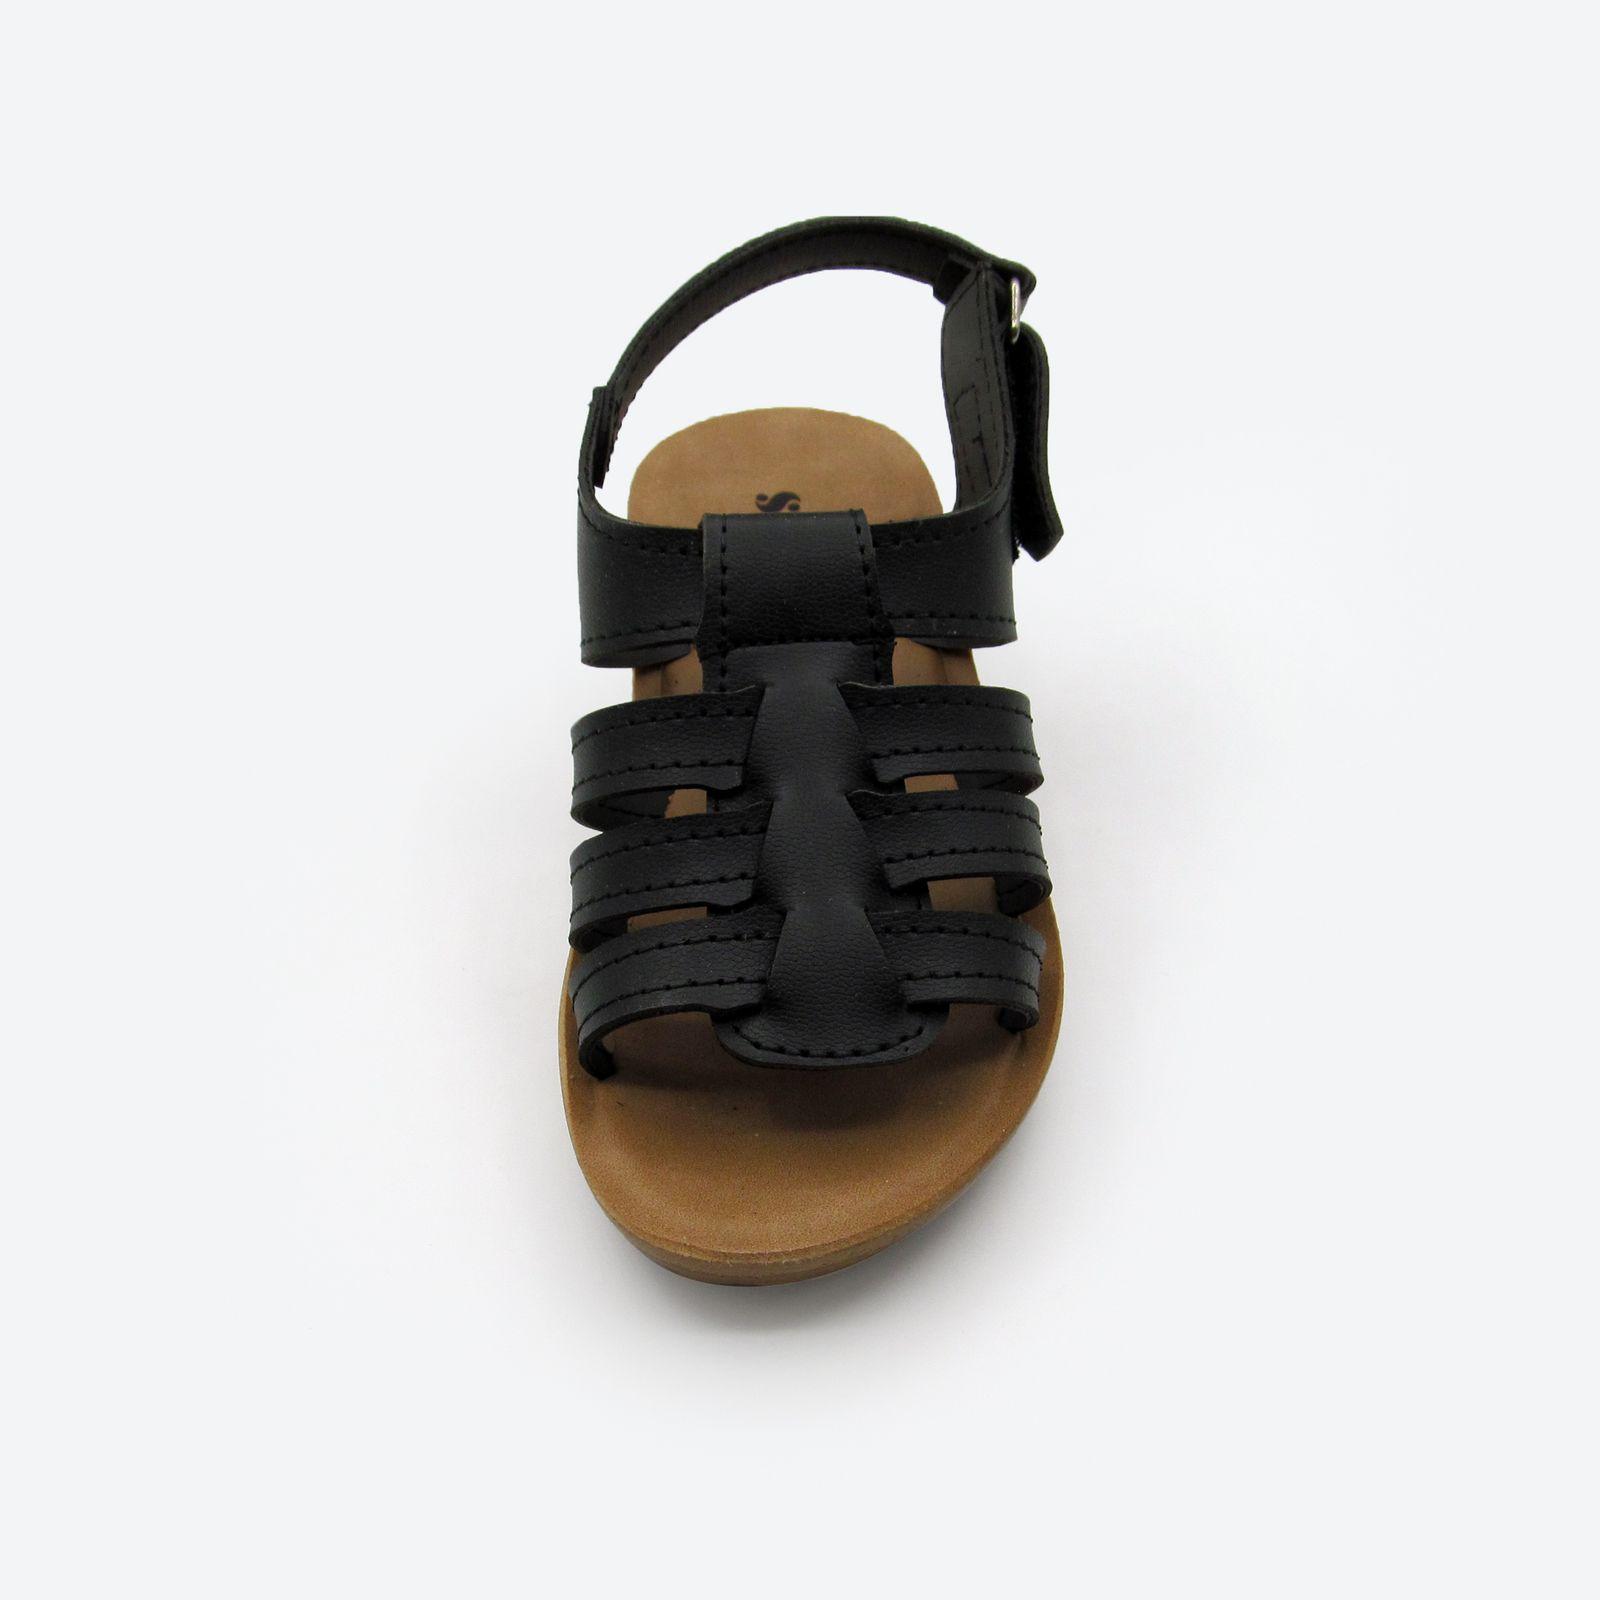 صندل دخترانه کفش شیما مدل خاطره کد 1799 -  - 5